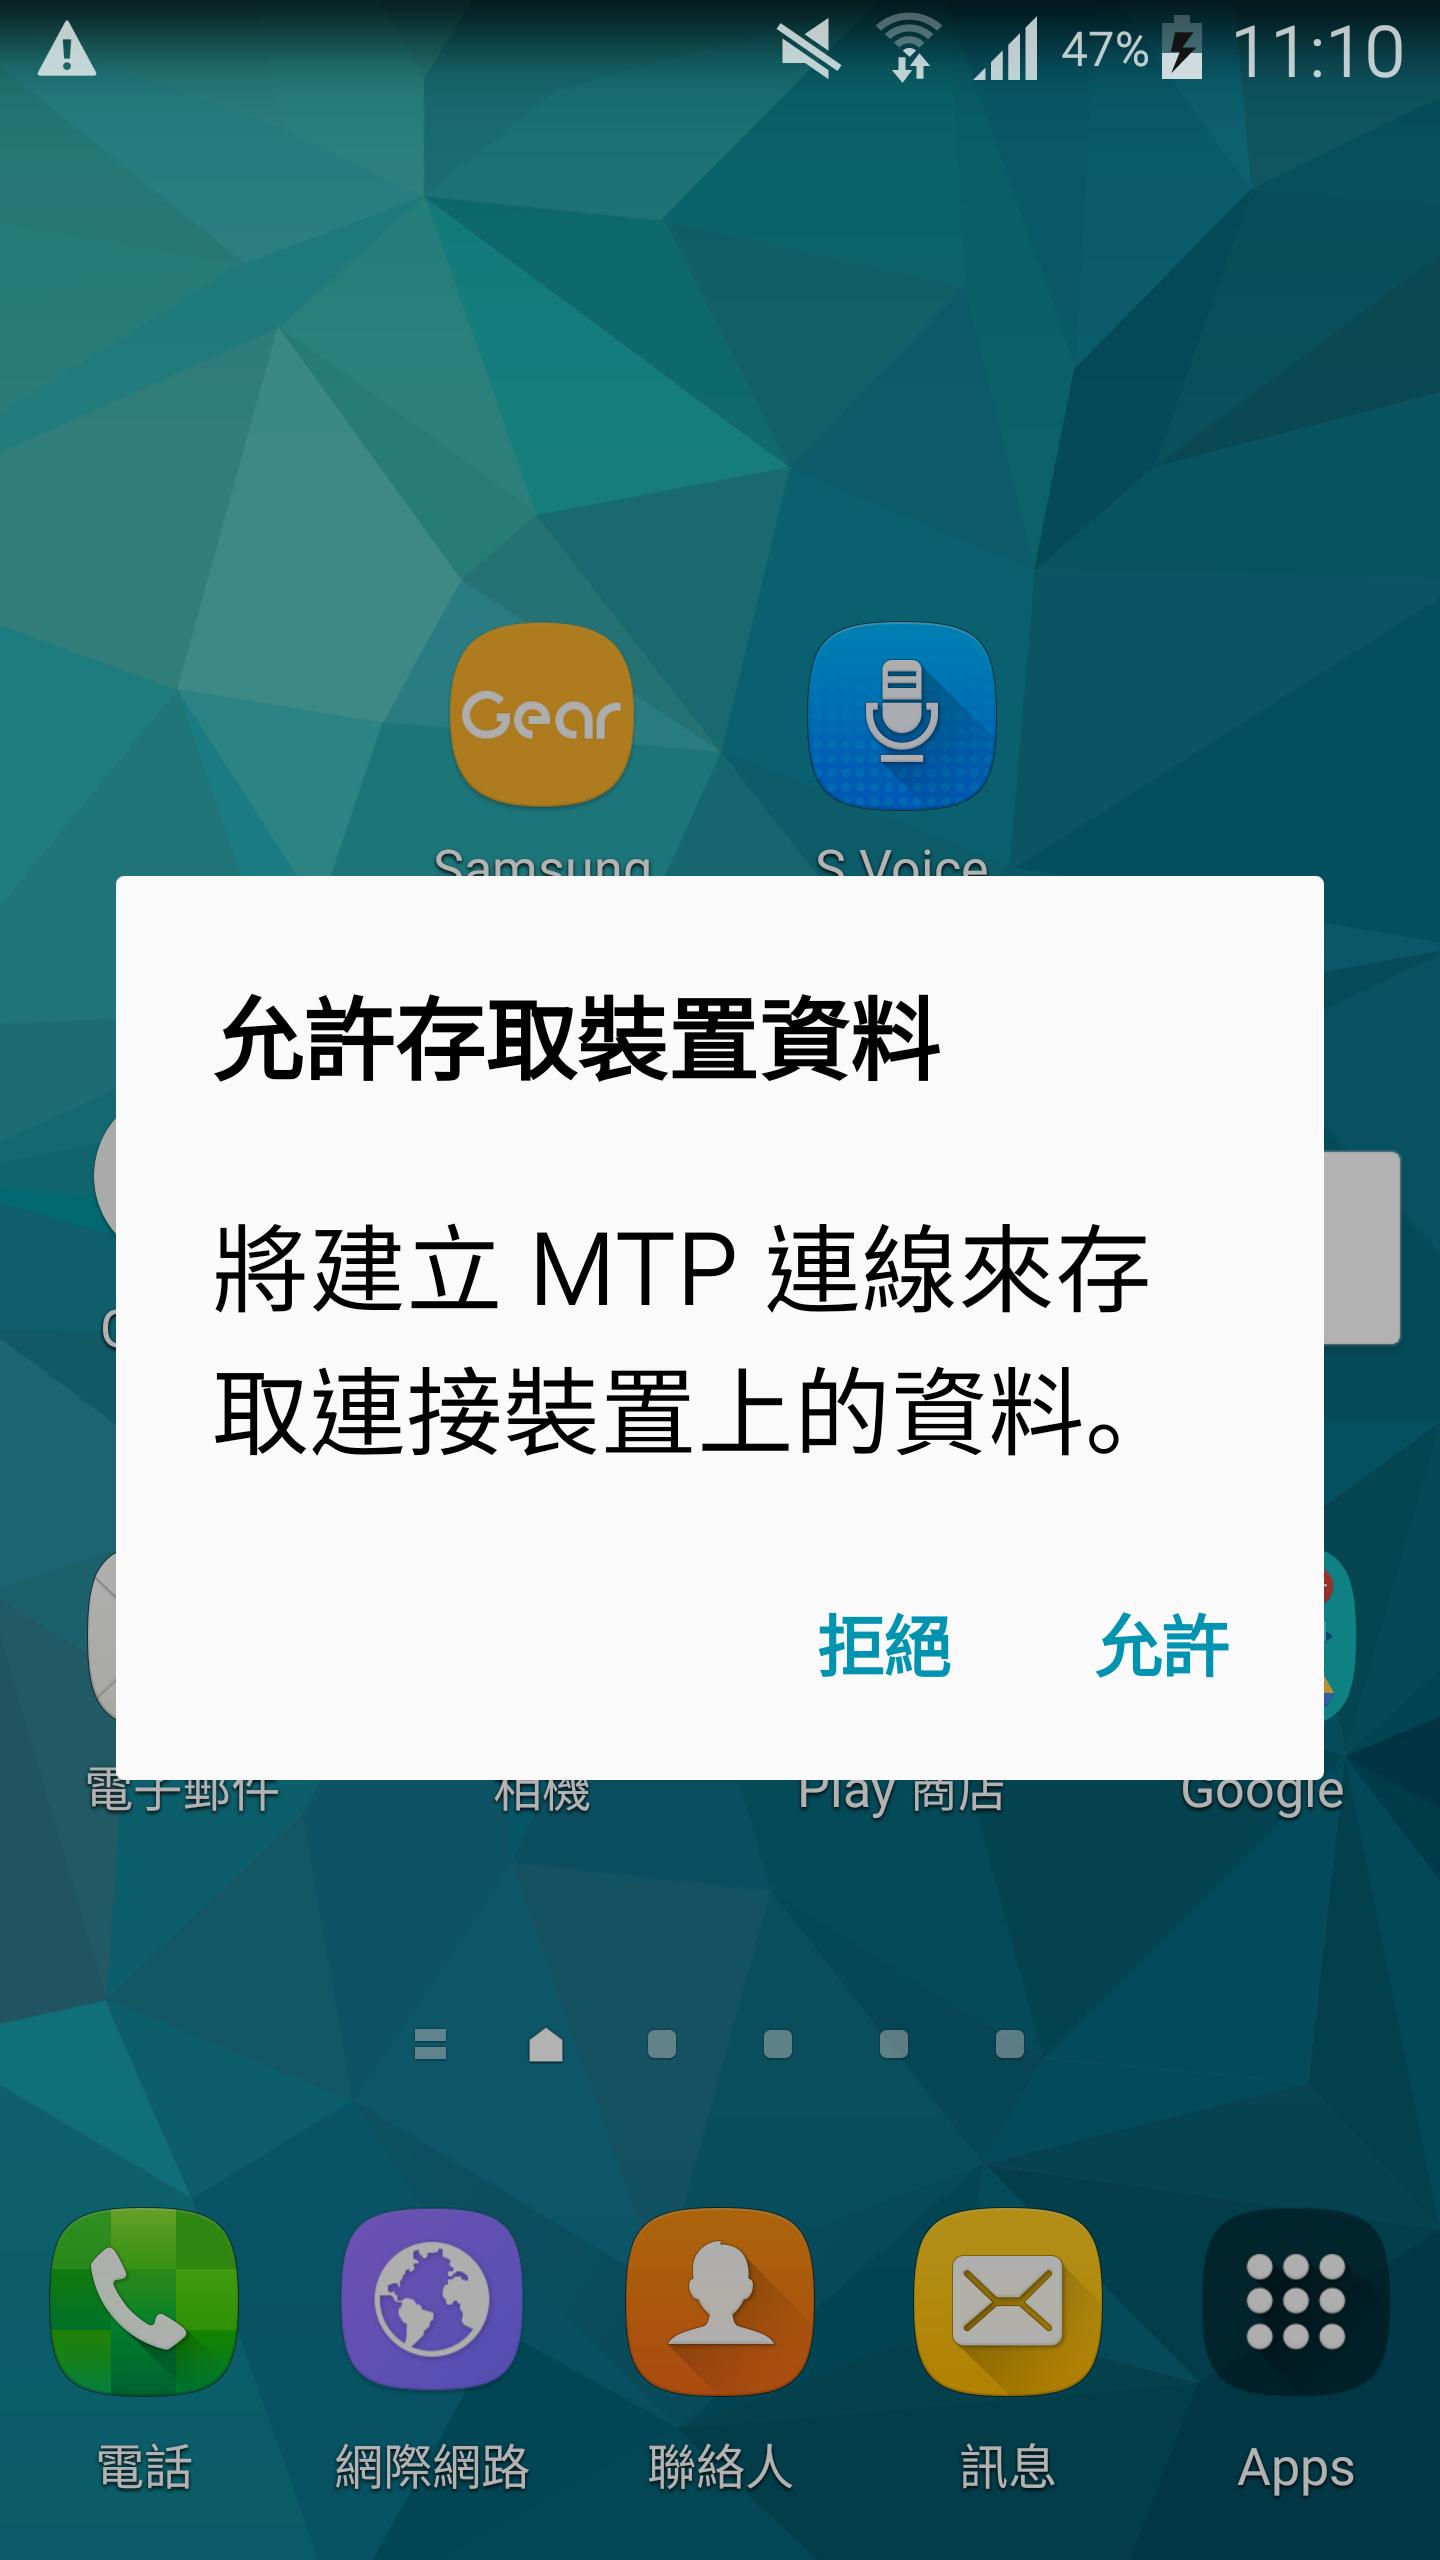 我想將 Galaxy Note 4 (SM N910U) 裡的相片、影片、文件檔案透過USB傳輸至電腦應該怎麼做?